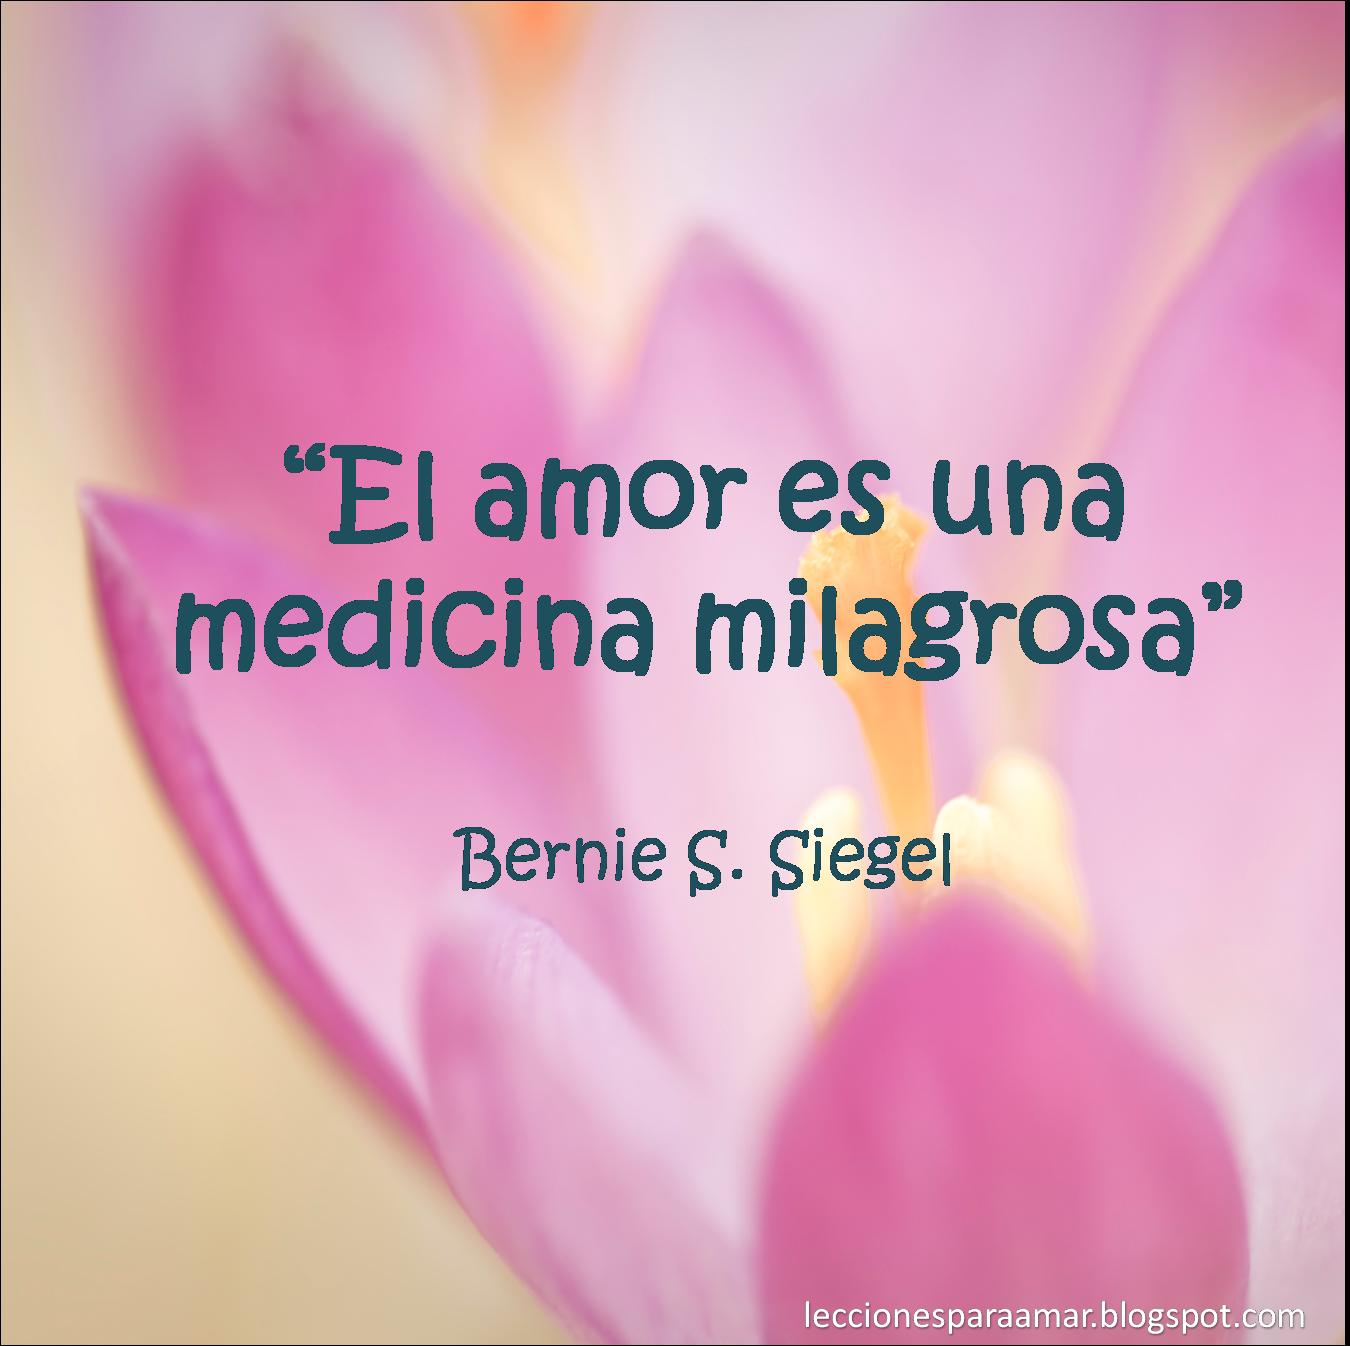 El amor es la mejor medicina